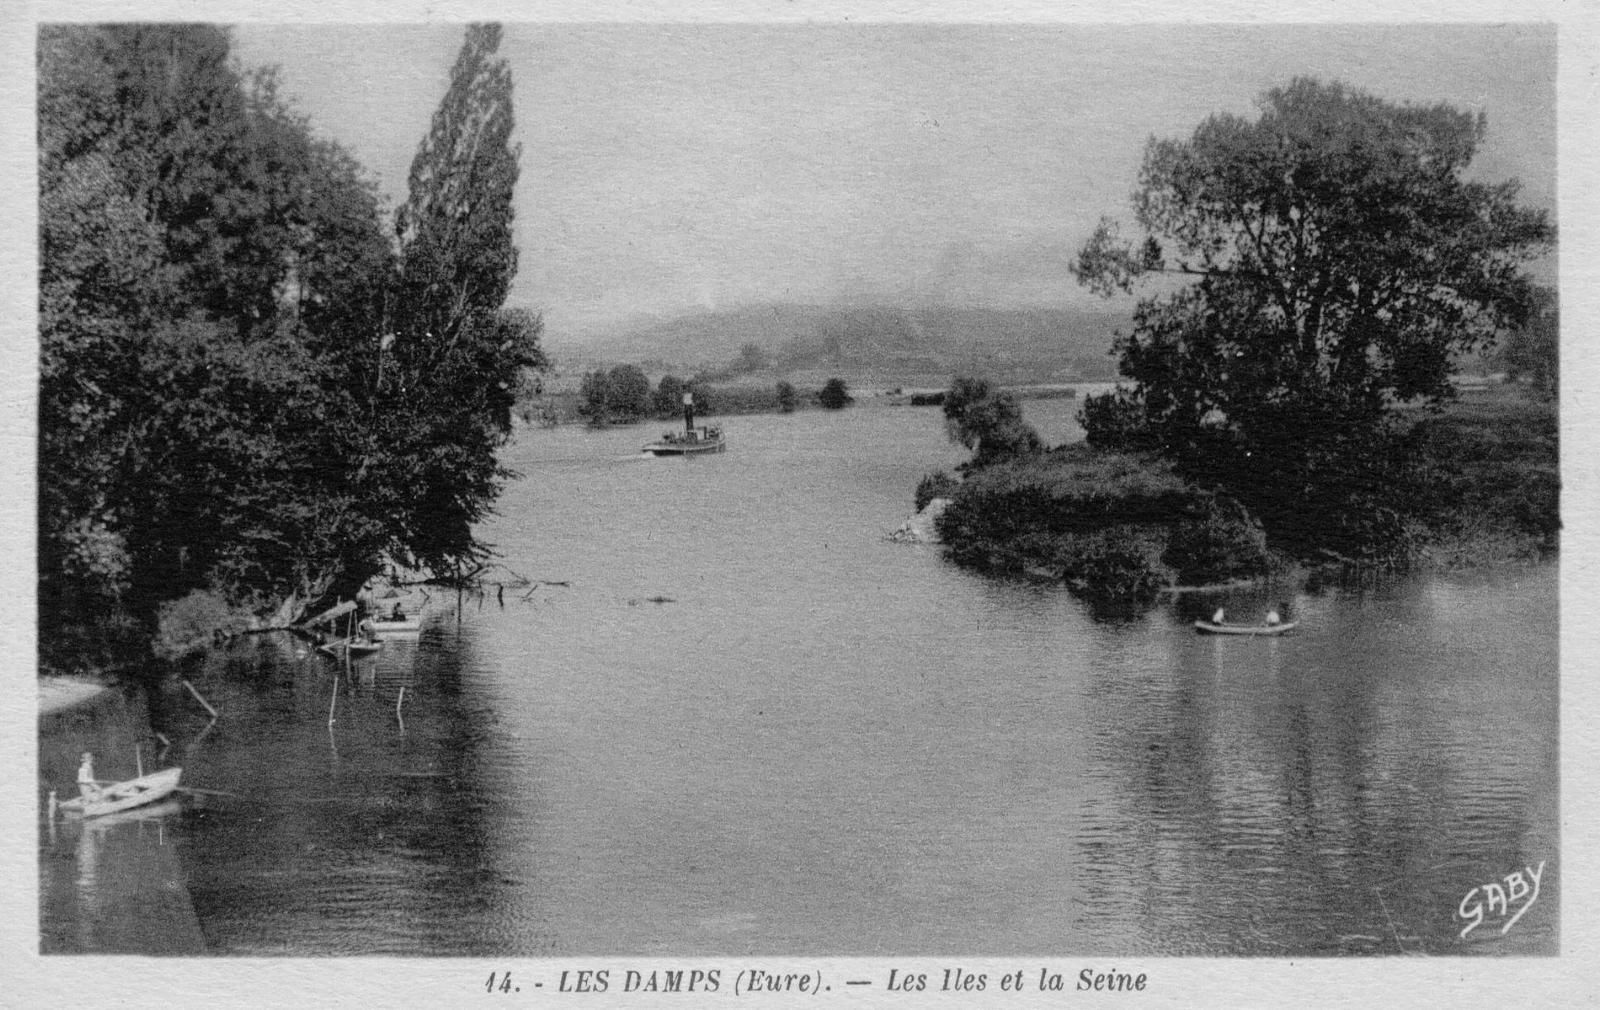 Naturellement situé aux Damps, le confluent entre l'Eure et la Seine a été déporté de 10 km en aval, entre 1934 et 1935, à Martot ; ceci afin de maintenir un niveau d'eau minimum du côté des habitations alors que le lit de la Seine avait été creusé afin de démolir le barrage de Martot sur la Seine. Ici on voit le confluent aux Damps avec, au fond, le pont ferroviaire du Manoir.